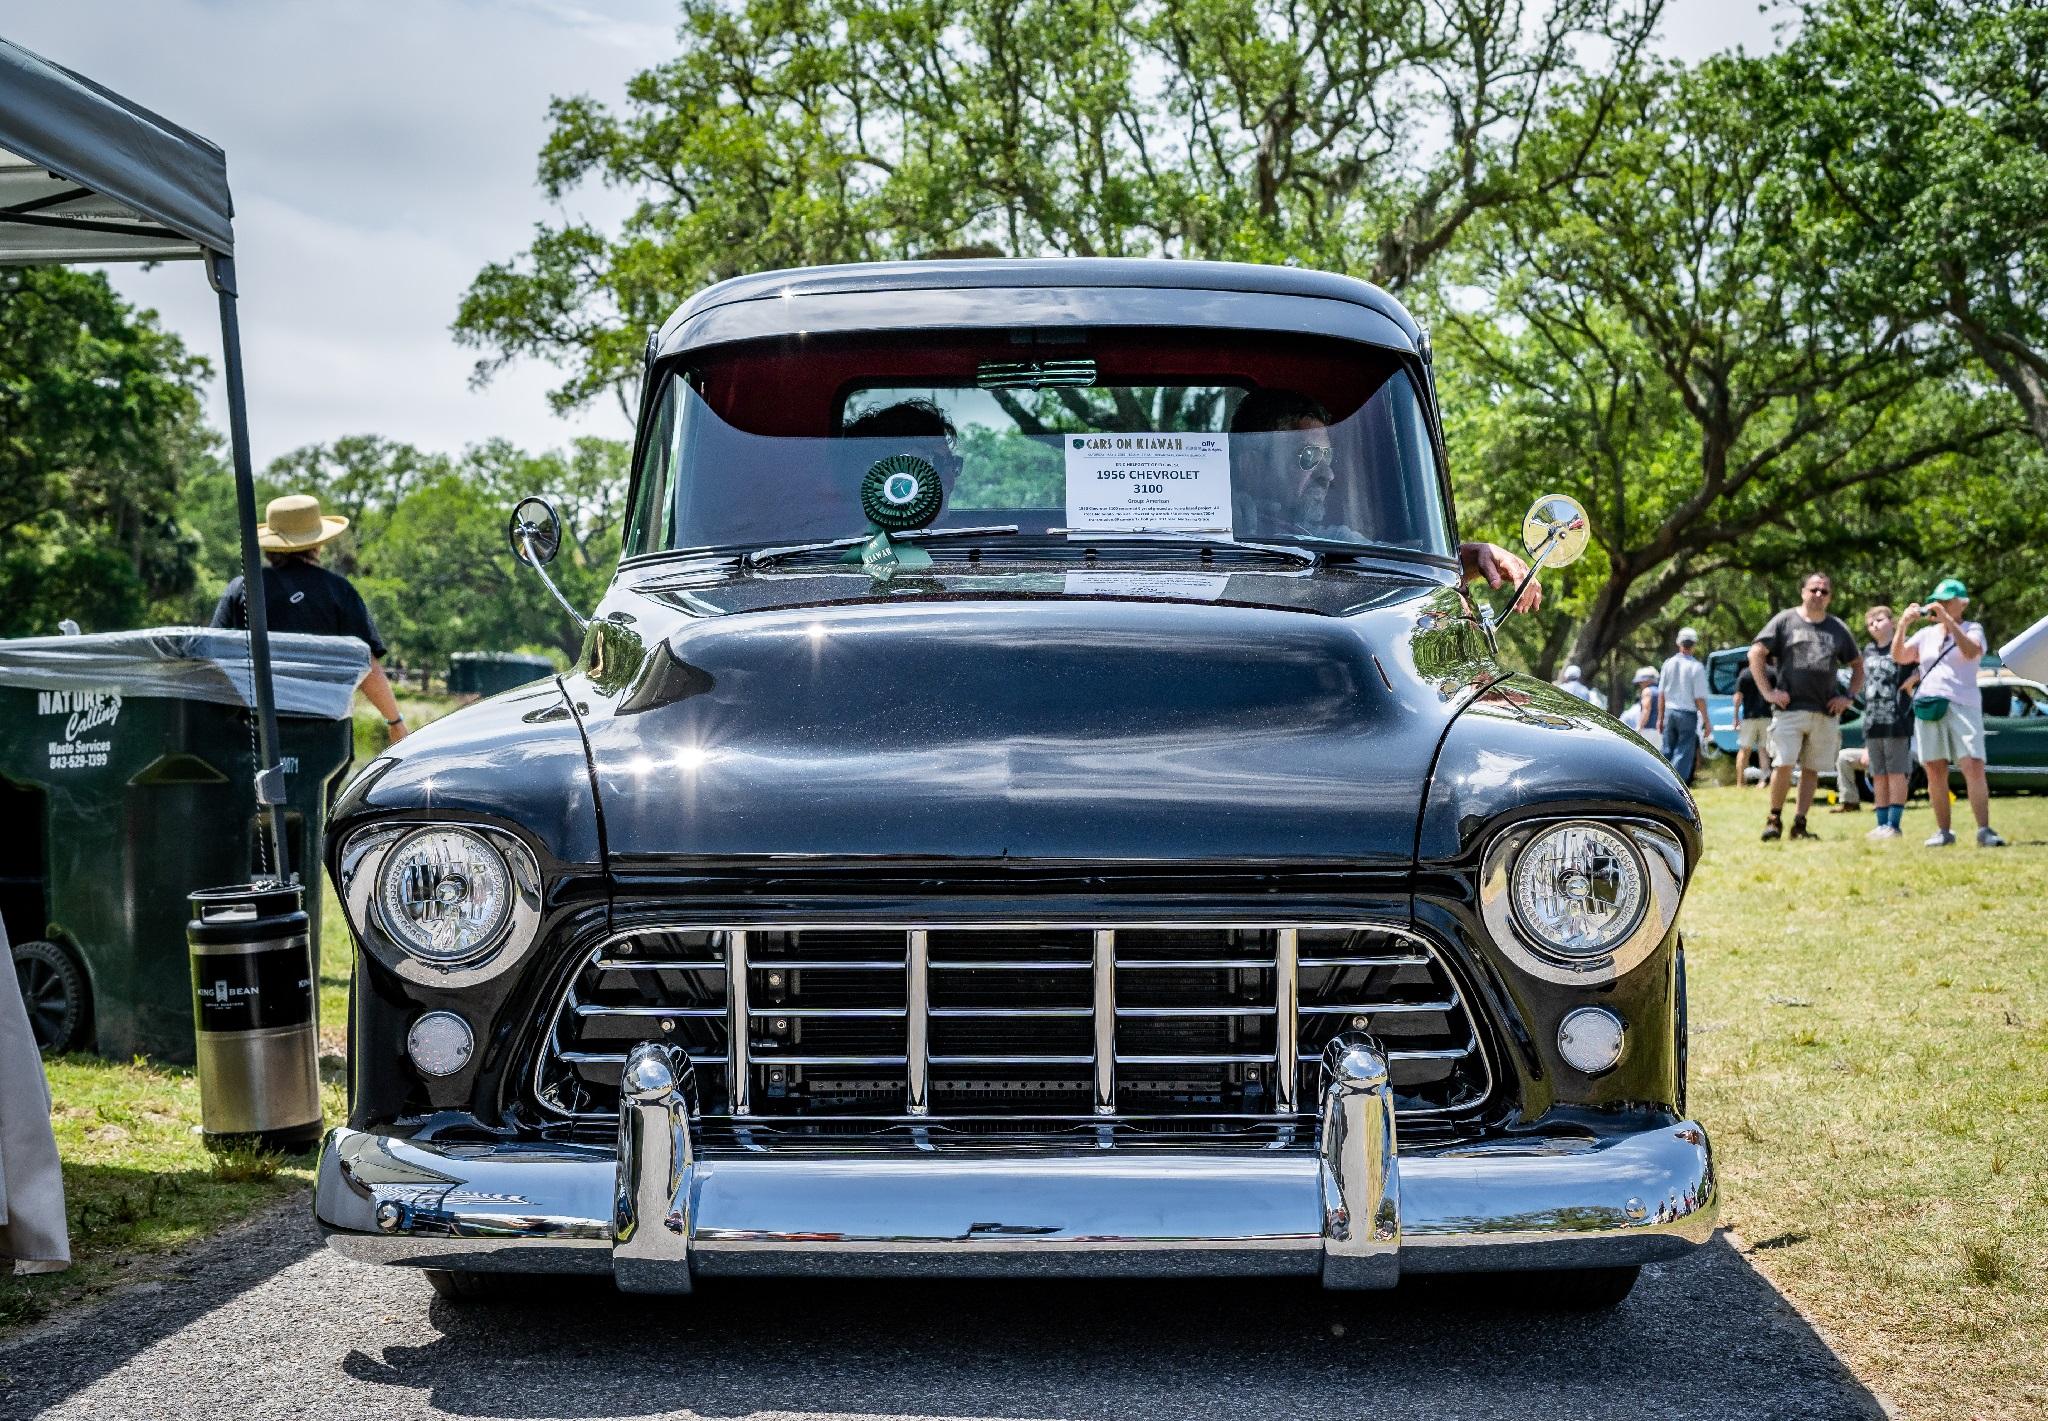 Class Award Hot Rods & Trucks - Eric Helfgott's '56 Chev. 3100